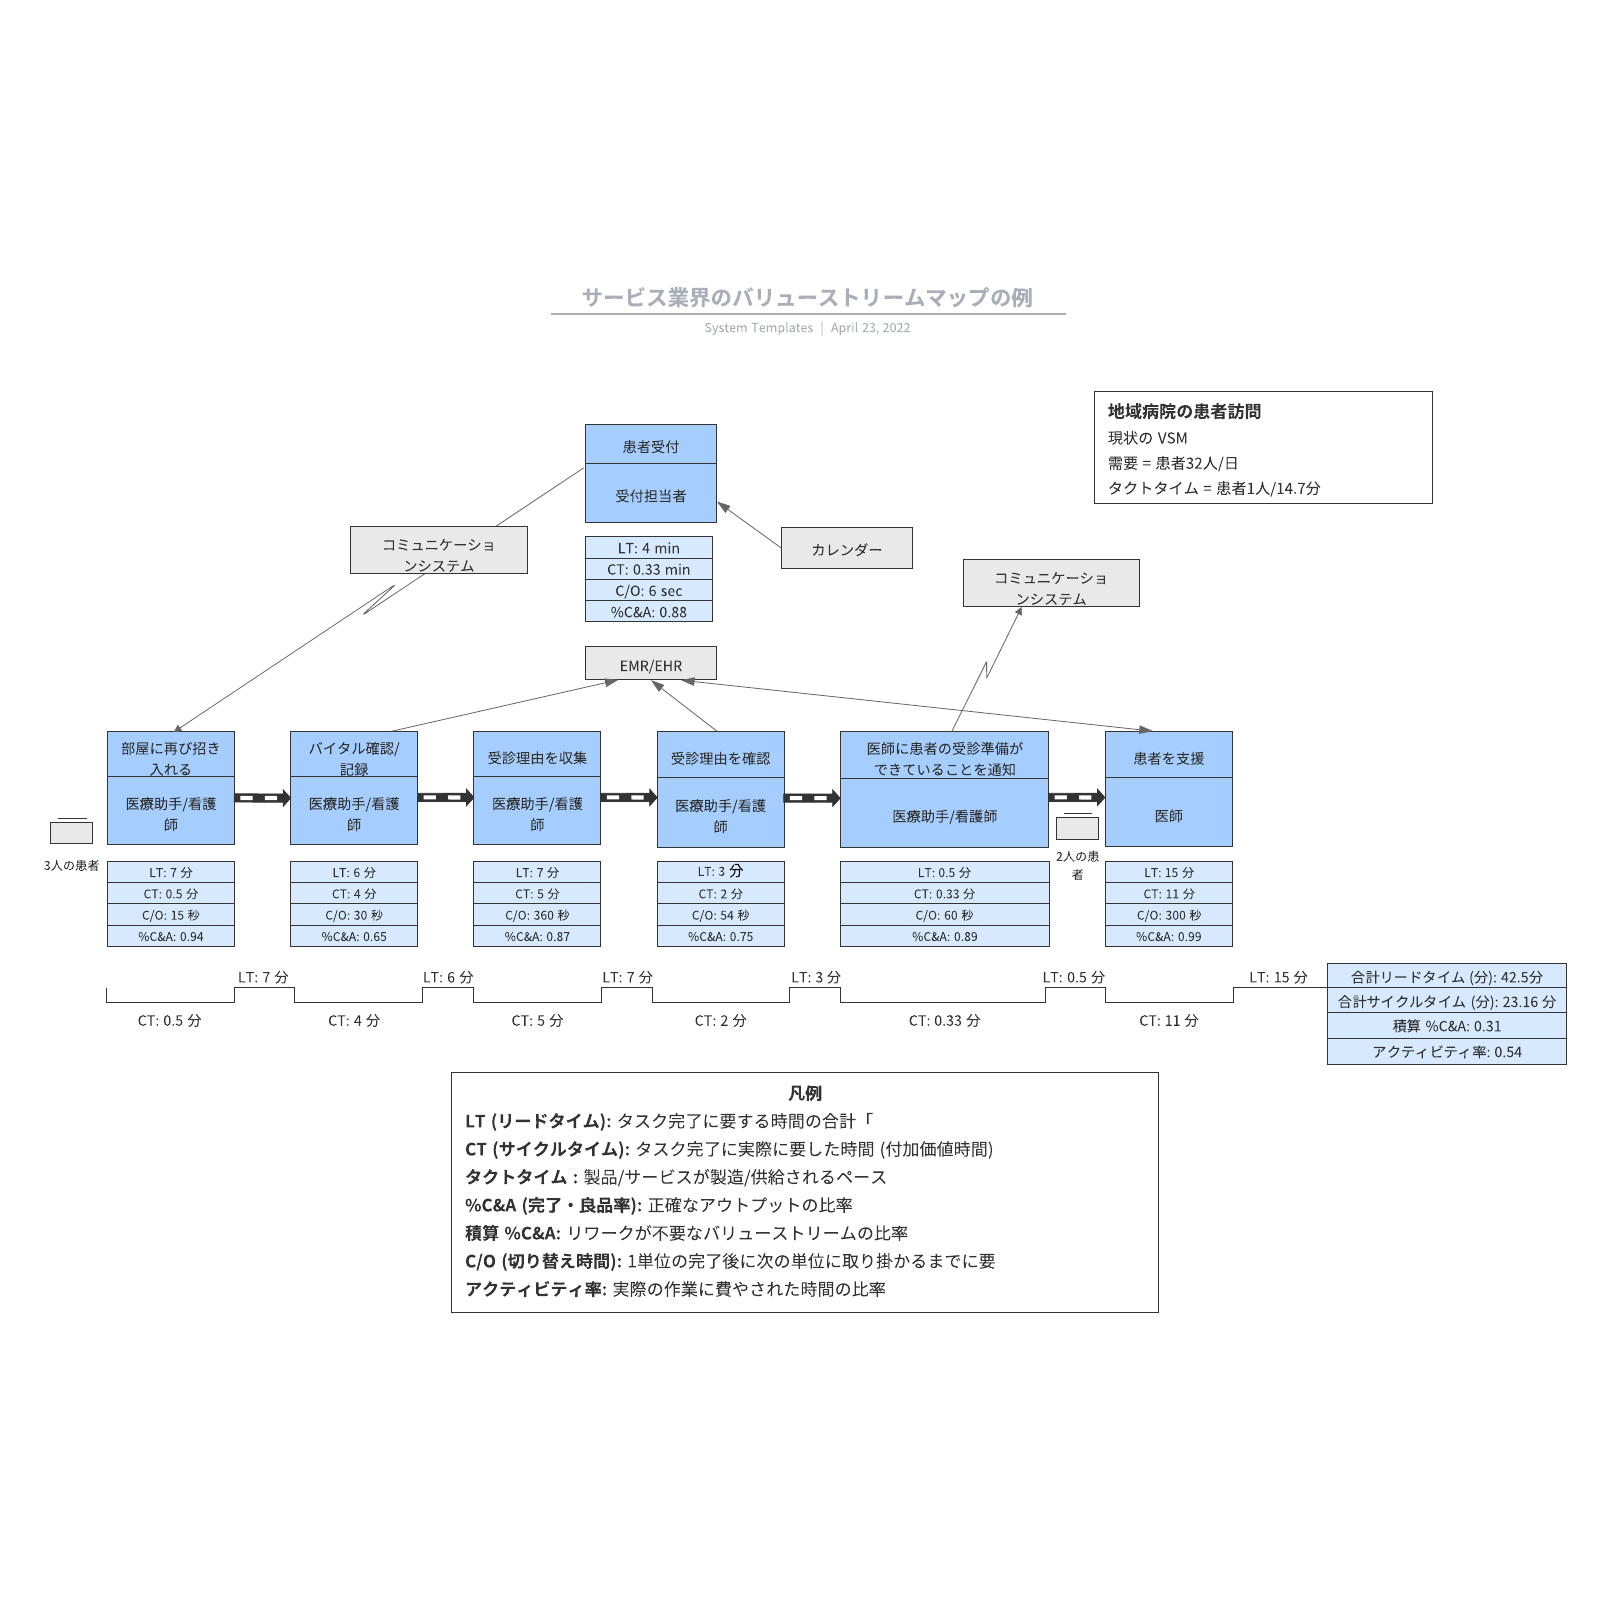 VSMサービス業界のバリューストリームマップの例